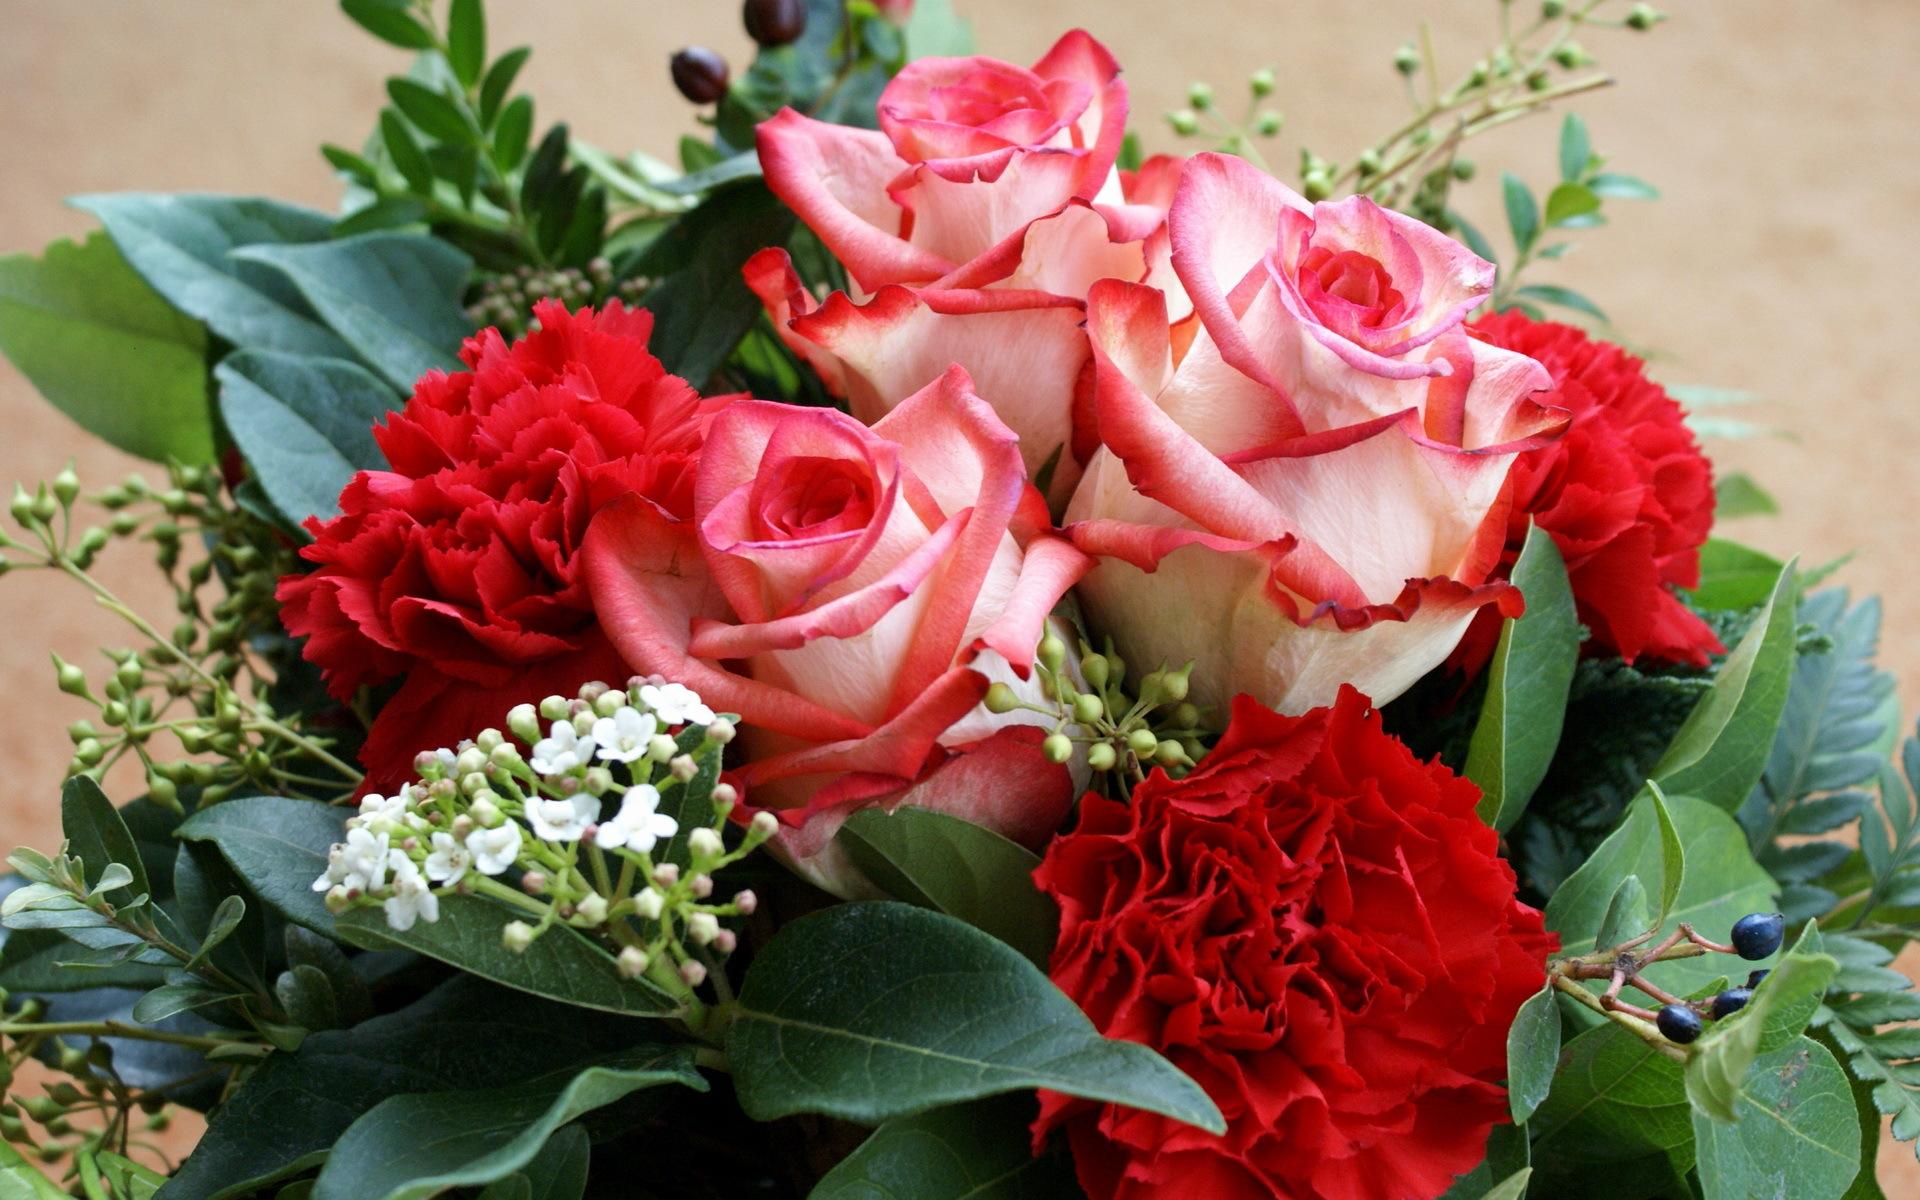 31252 Hintergrundbild herunterladen Pflanzen, Blumen, Roses, Bouquets - Bildschirmschoner und Bilder kostenlos